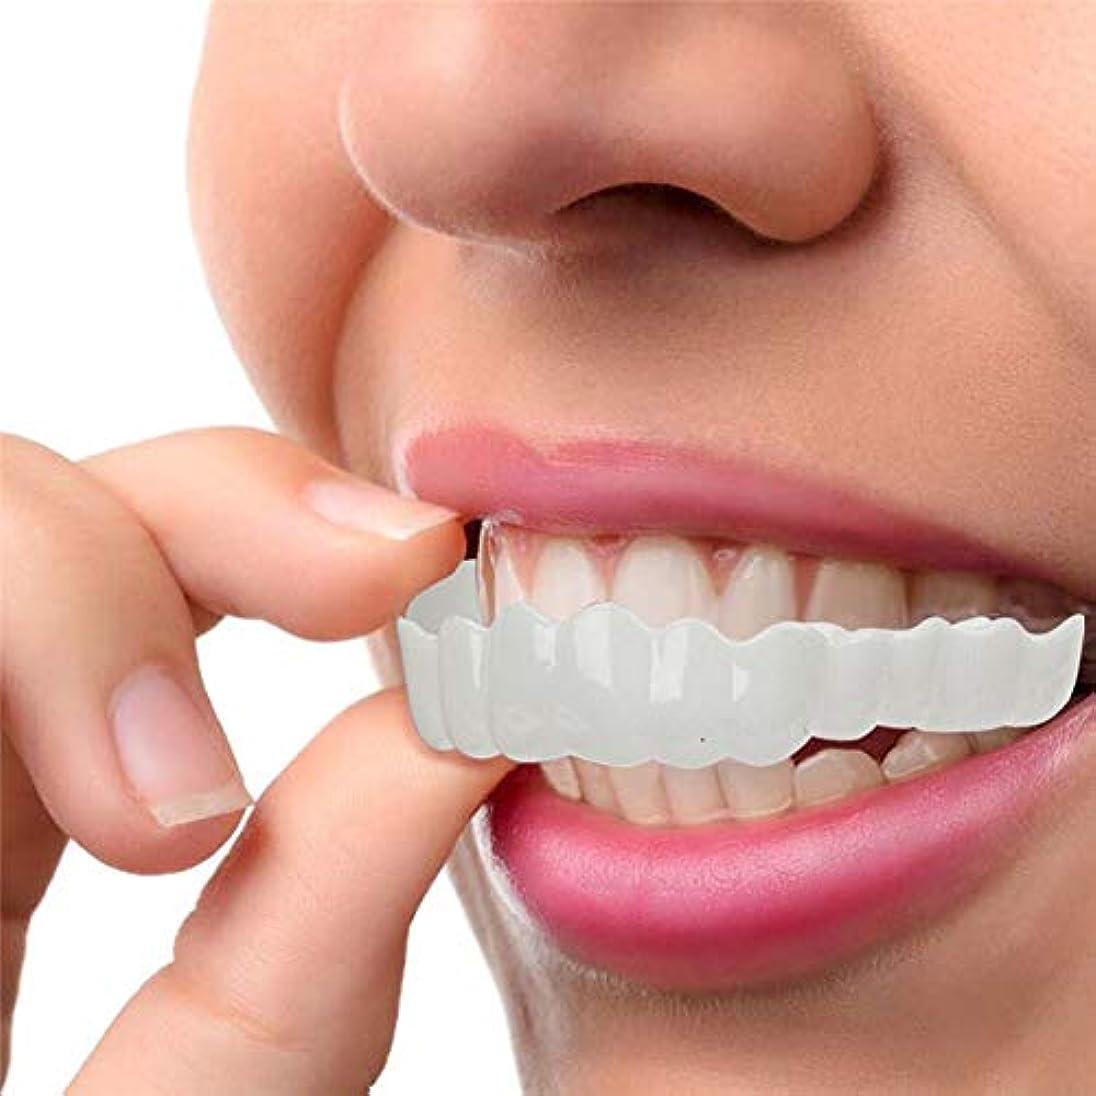 有望促進する人類化粧品の歯、白い歯をきれいにするための快適なフィットフレックス歯ソケット、超快適、快適なフィット感、5セット